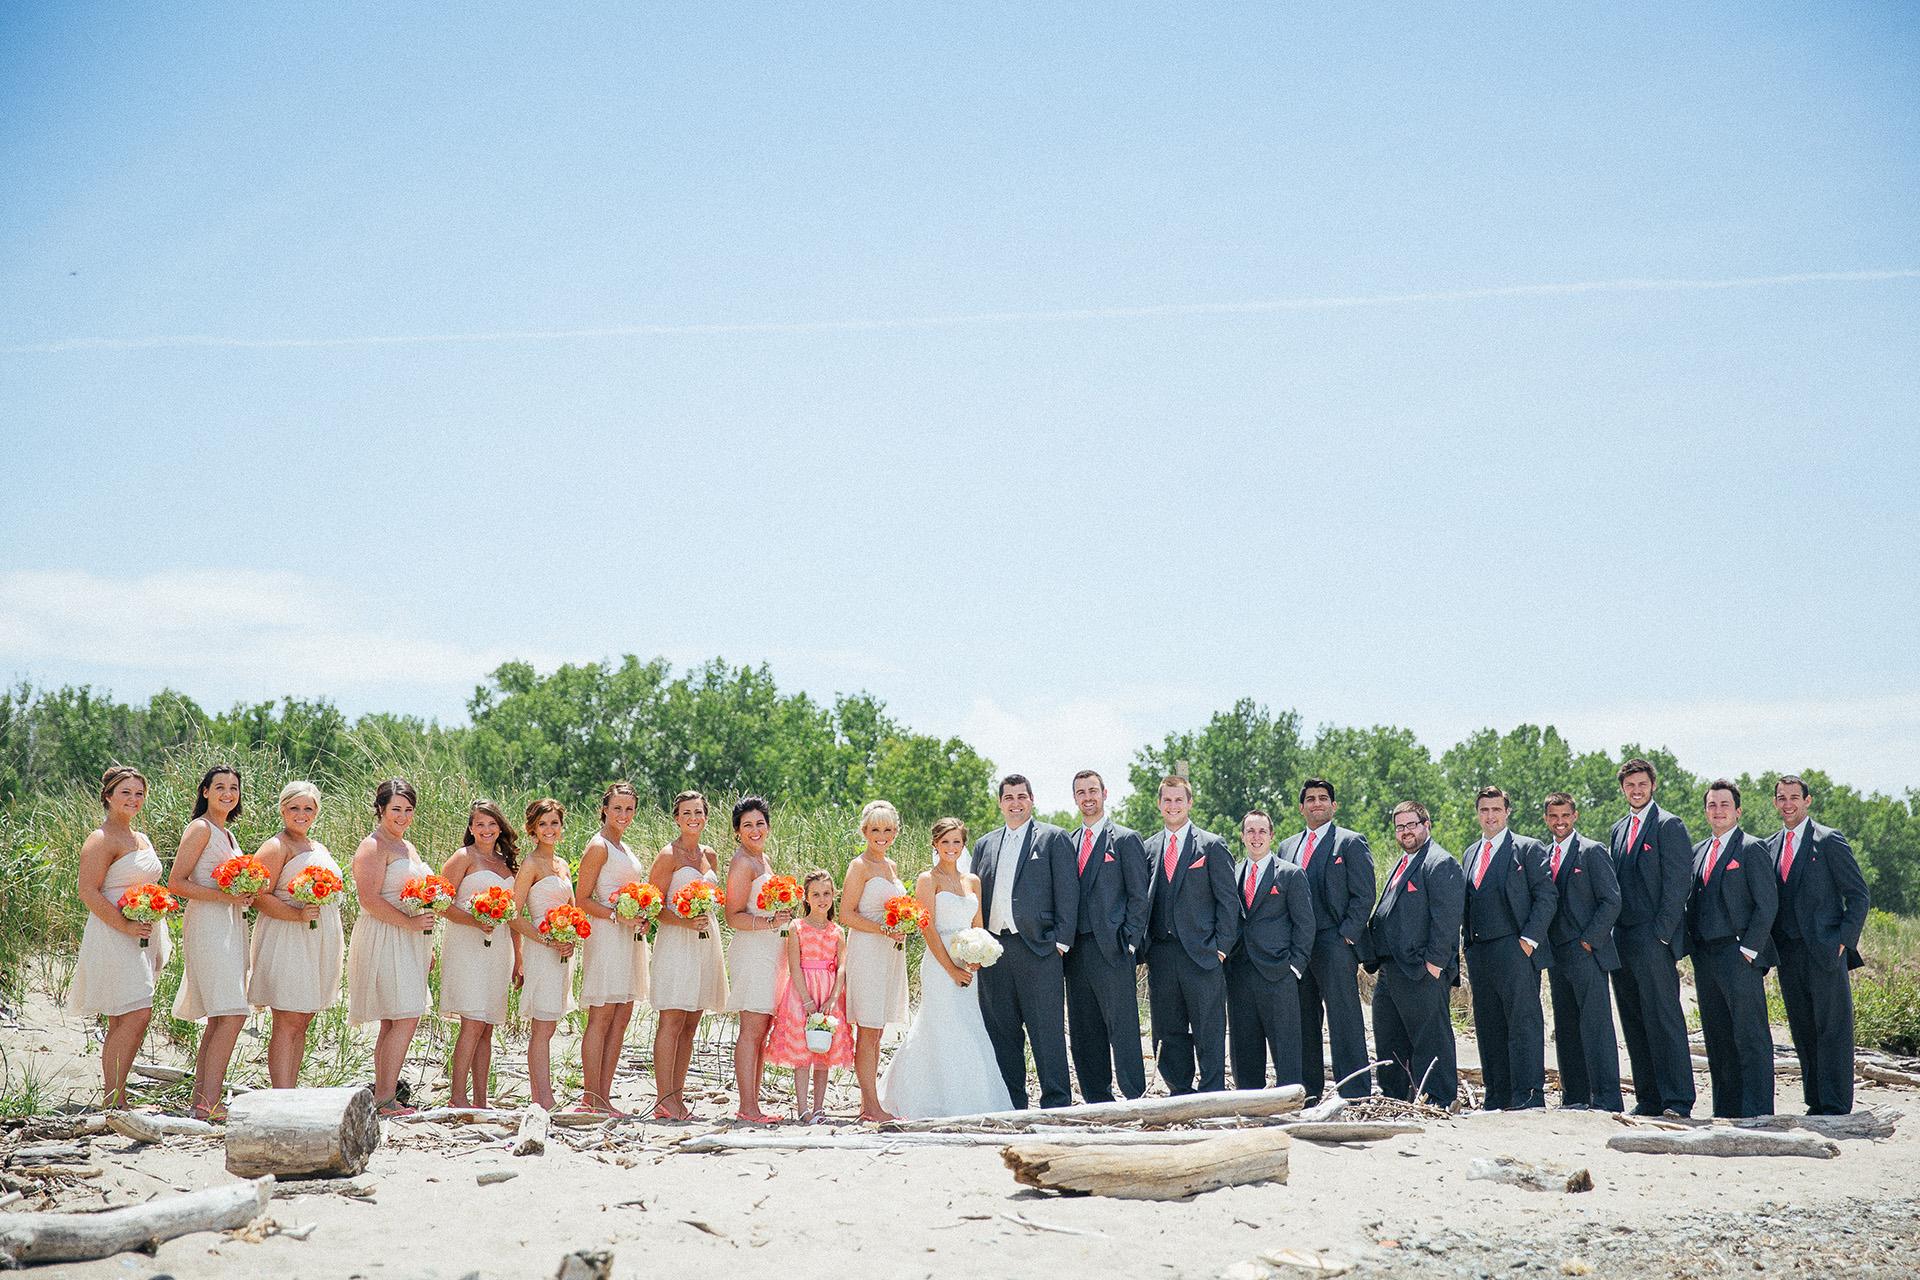 Amasa Stone Chapel Cleveland Wedding Photographer 20.jpg